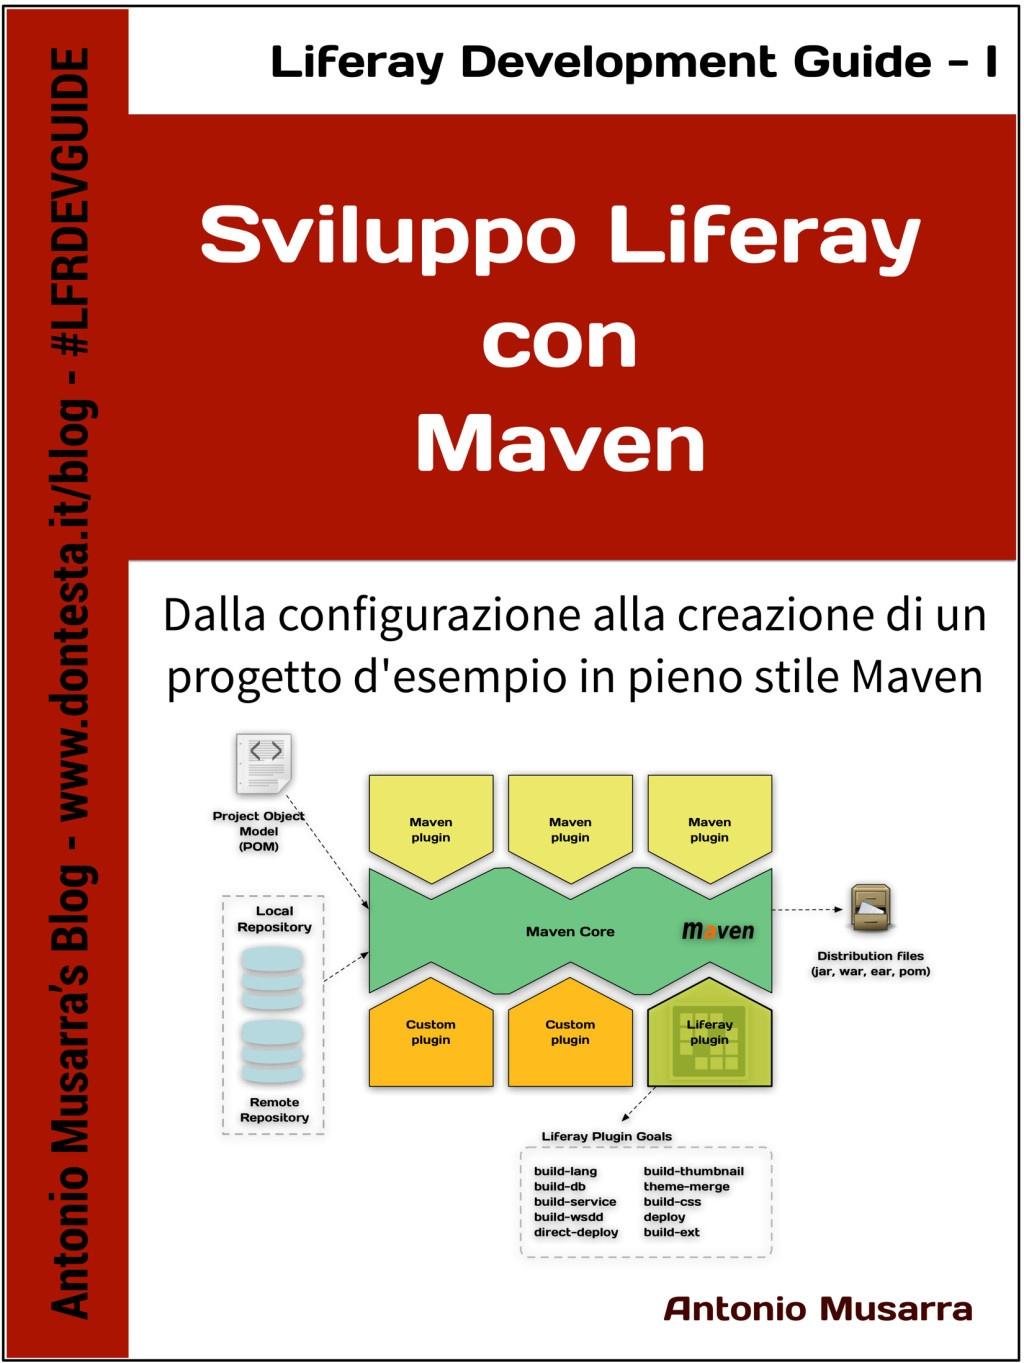 Sviluppo Liferay con Maven: Dalla configurazione alla creazione di un progetto d'esempio in pieno stile Maven